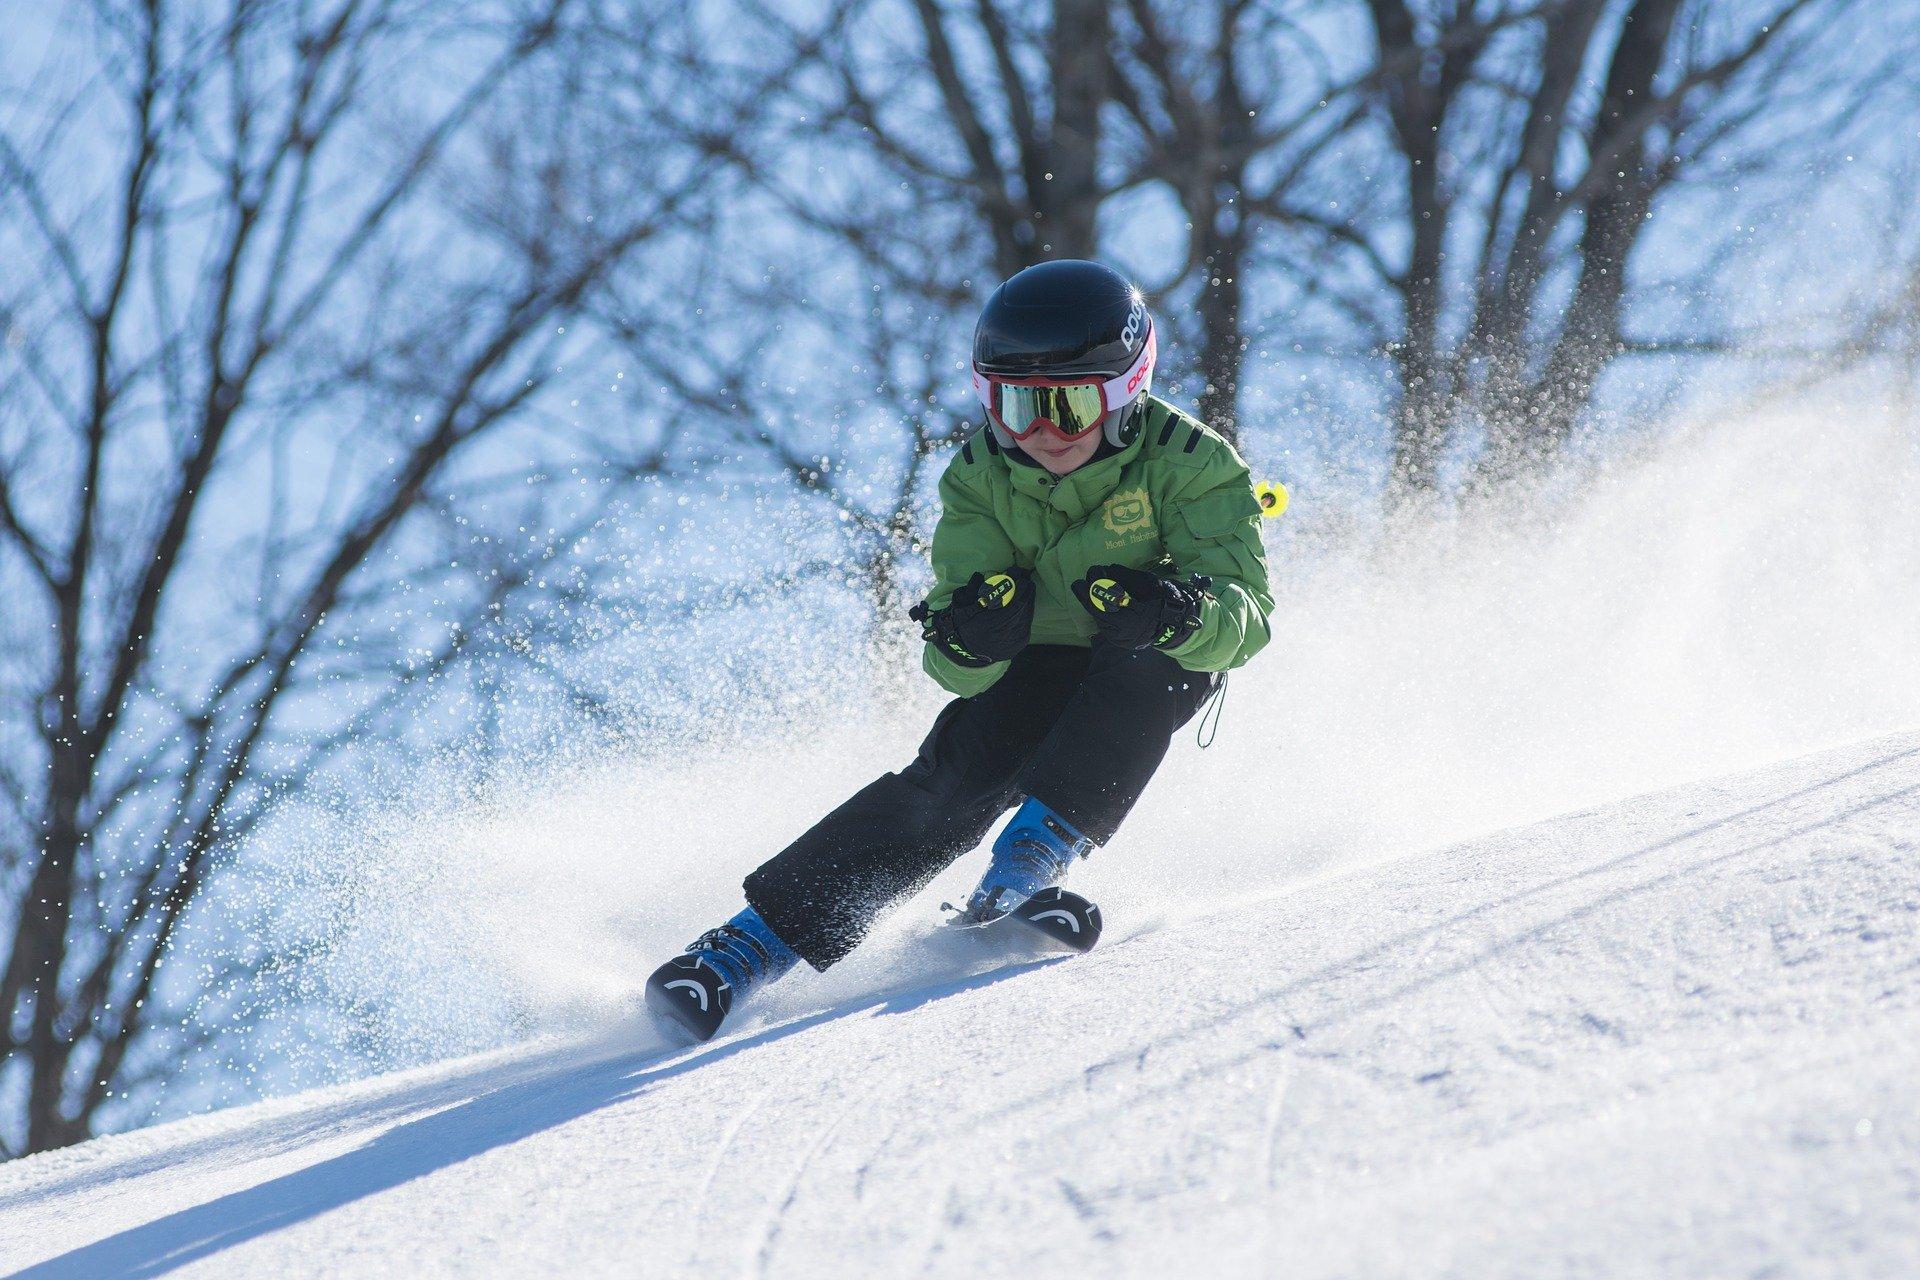 Jaki sport najlepszy dla dziecka?